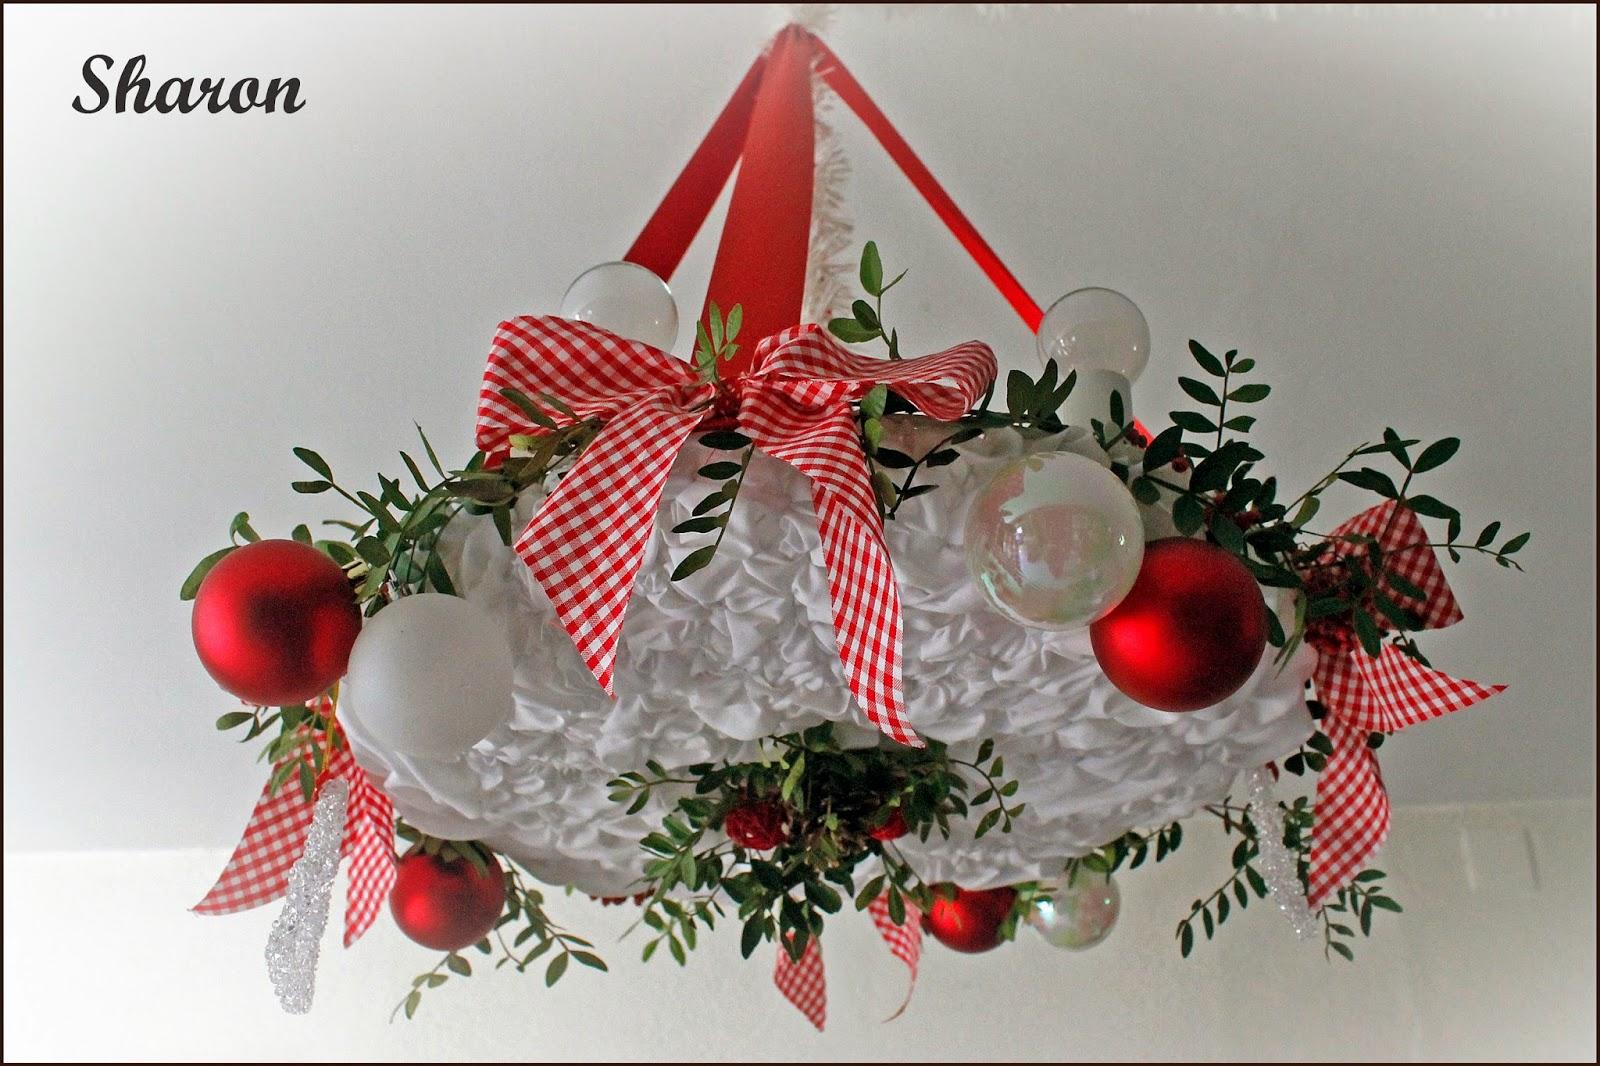 Las manualidades de sharon l mpara para decoraci n navide a - Decoraciones navidenas manualidades ...